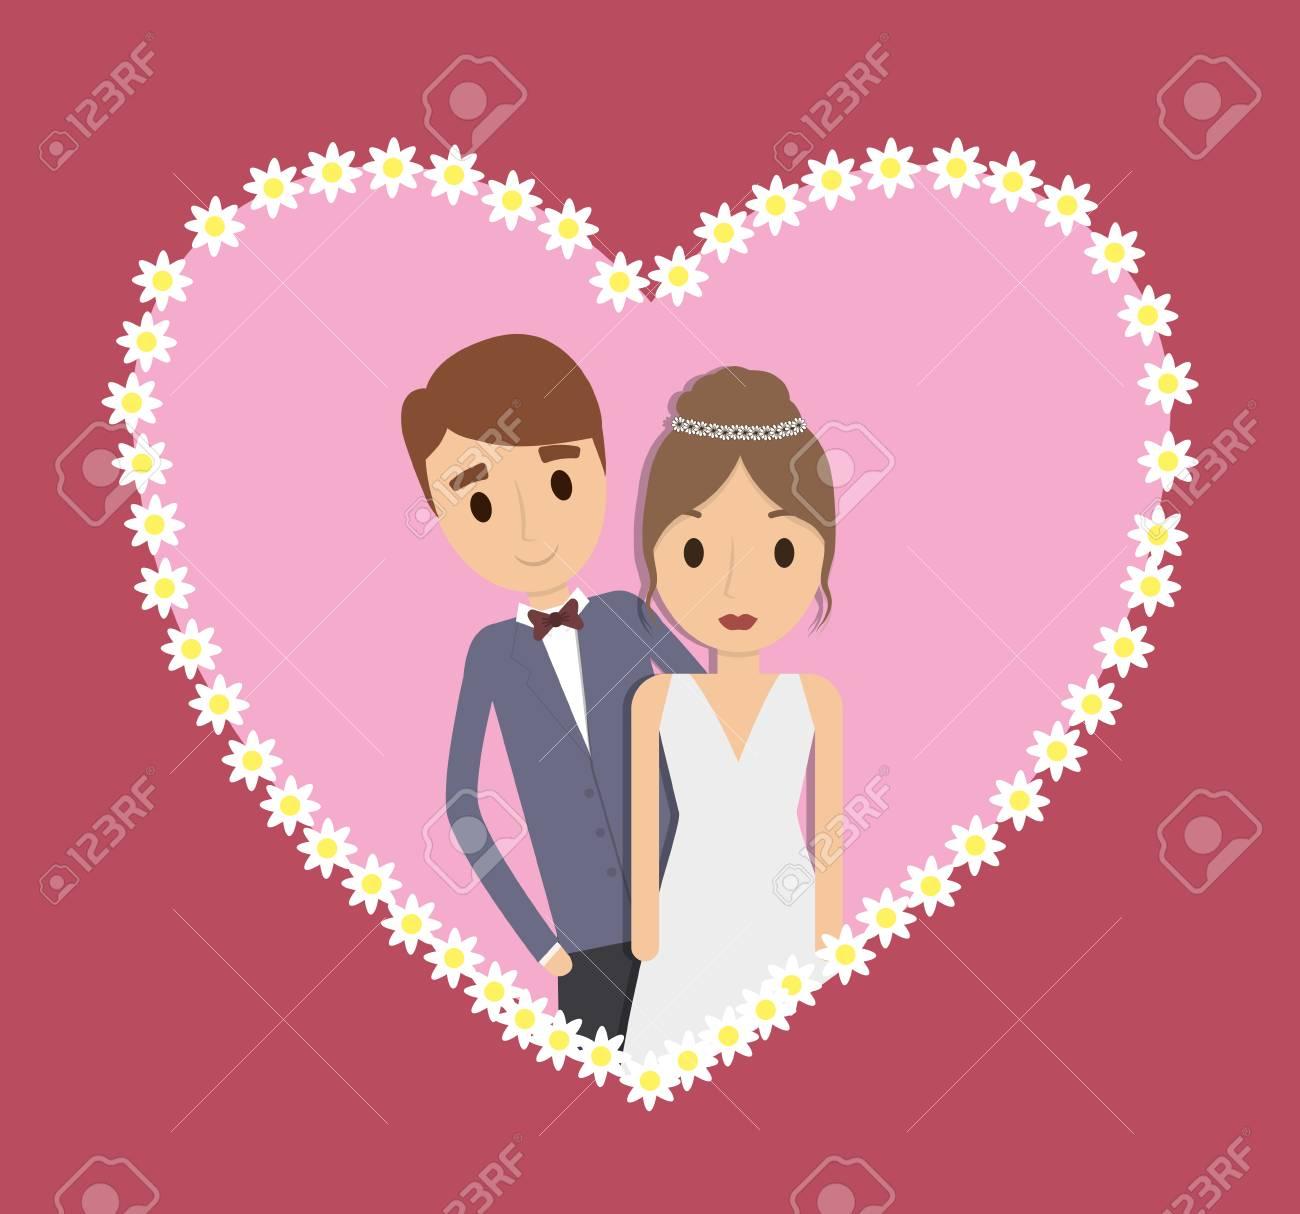 Couple Dessin Animé Coeur Fille Garçon Homme Femme Mariage Icône De Mariage Illustration Colorfull Et Plat Graphique Vectoriel